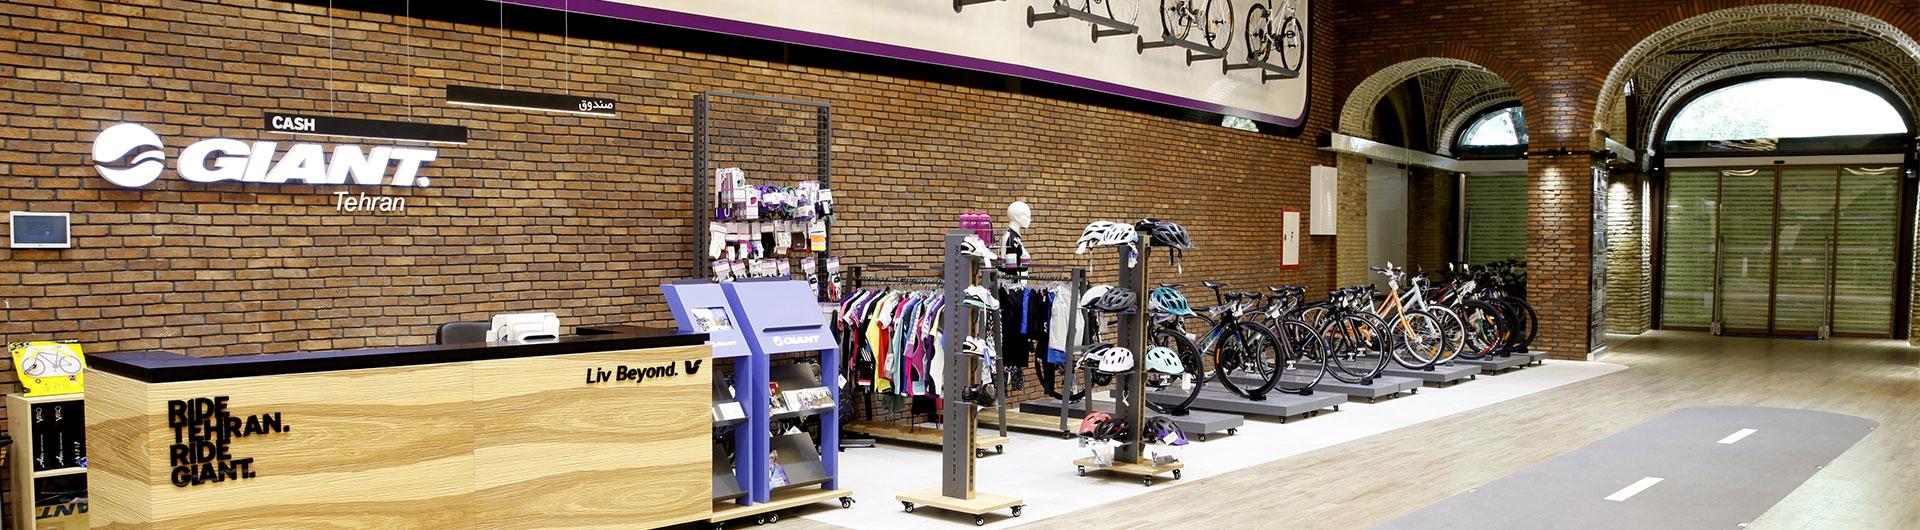 نمایشگاه-دوچرخه-و-لوازم-جاینت-تهران5